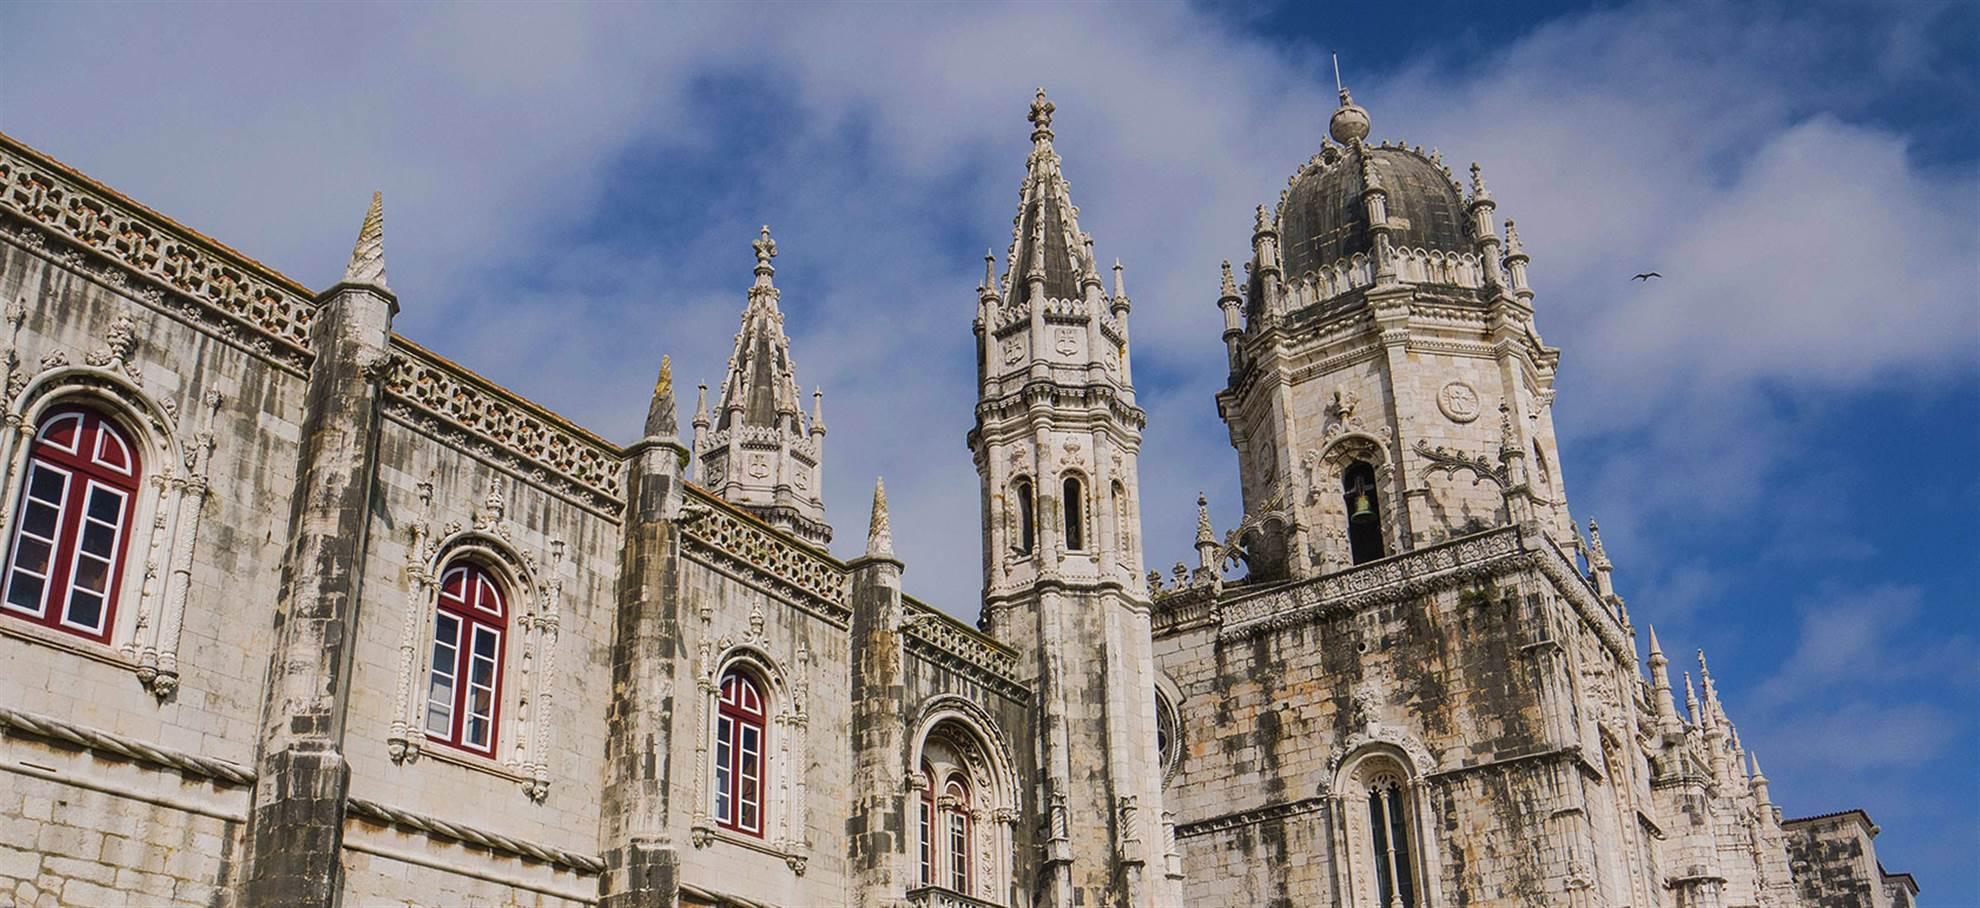 Fátima, Óbidos, Batalha and Alcobaça